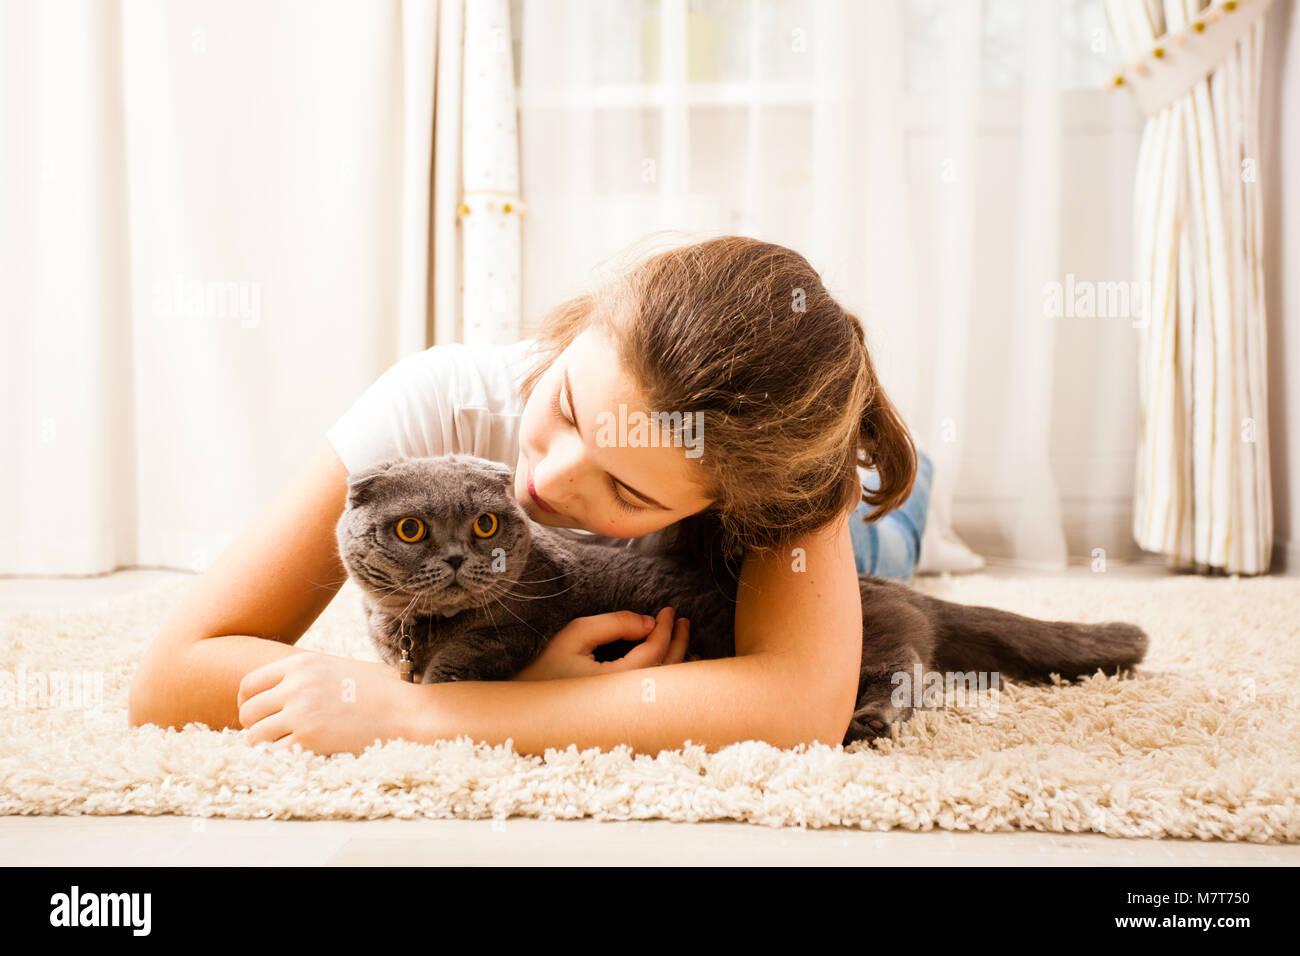 Fille avec chat écossais Photo Stock